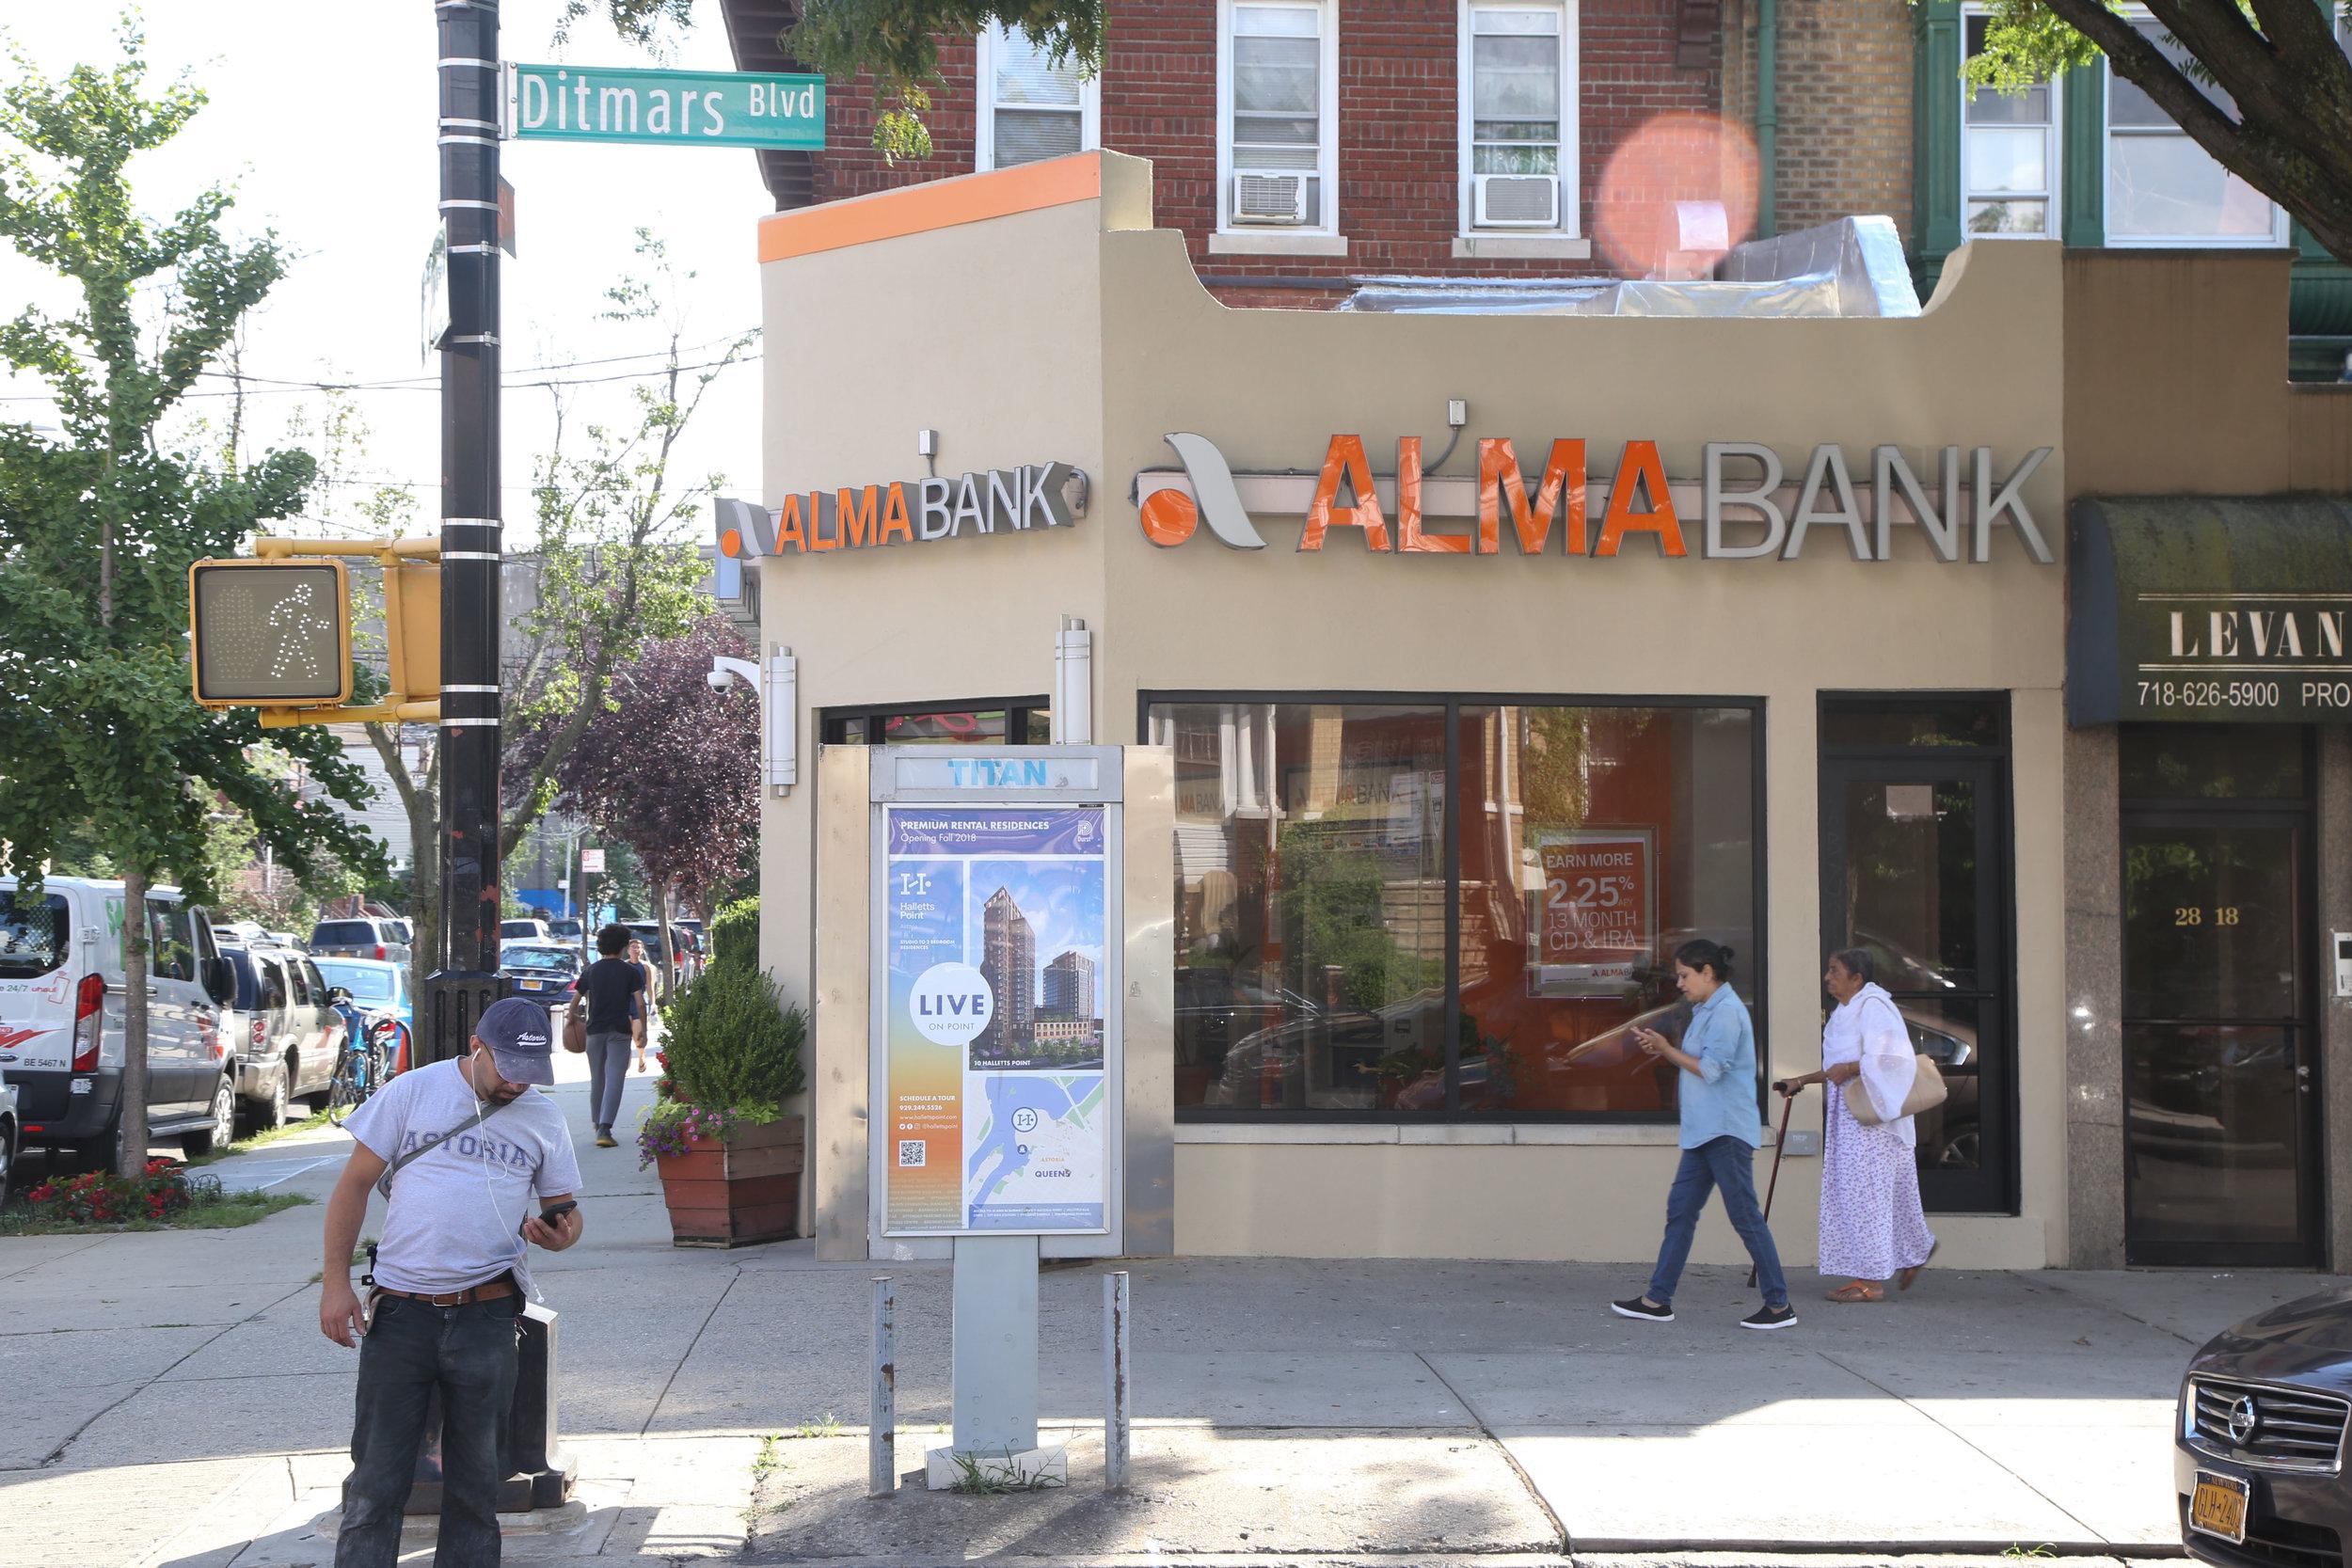 New York_Kiosk_Phone Kiosk _21821366_1028011 copy.jpg